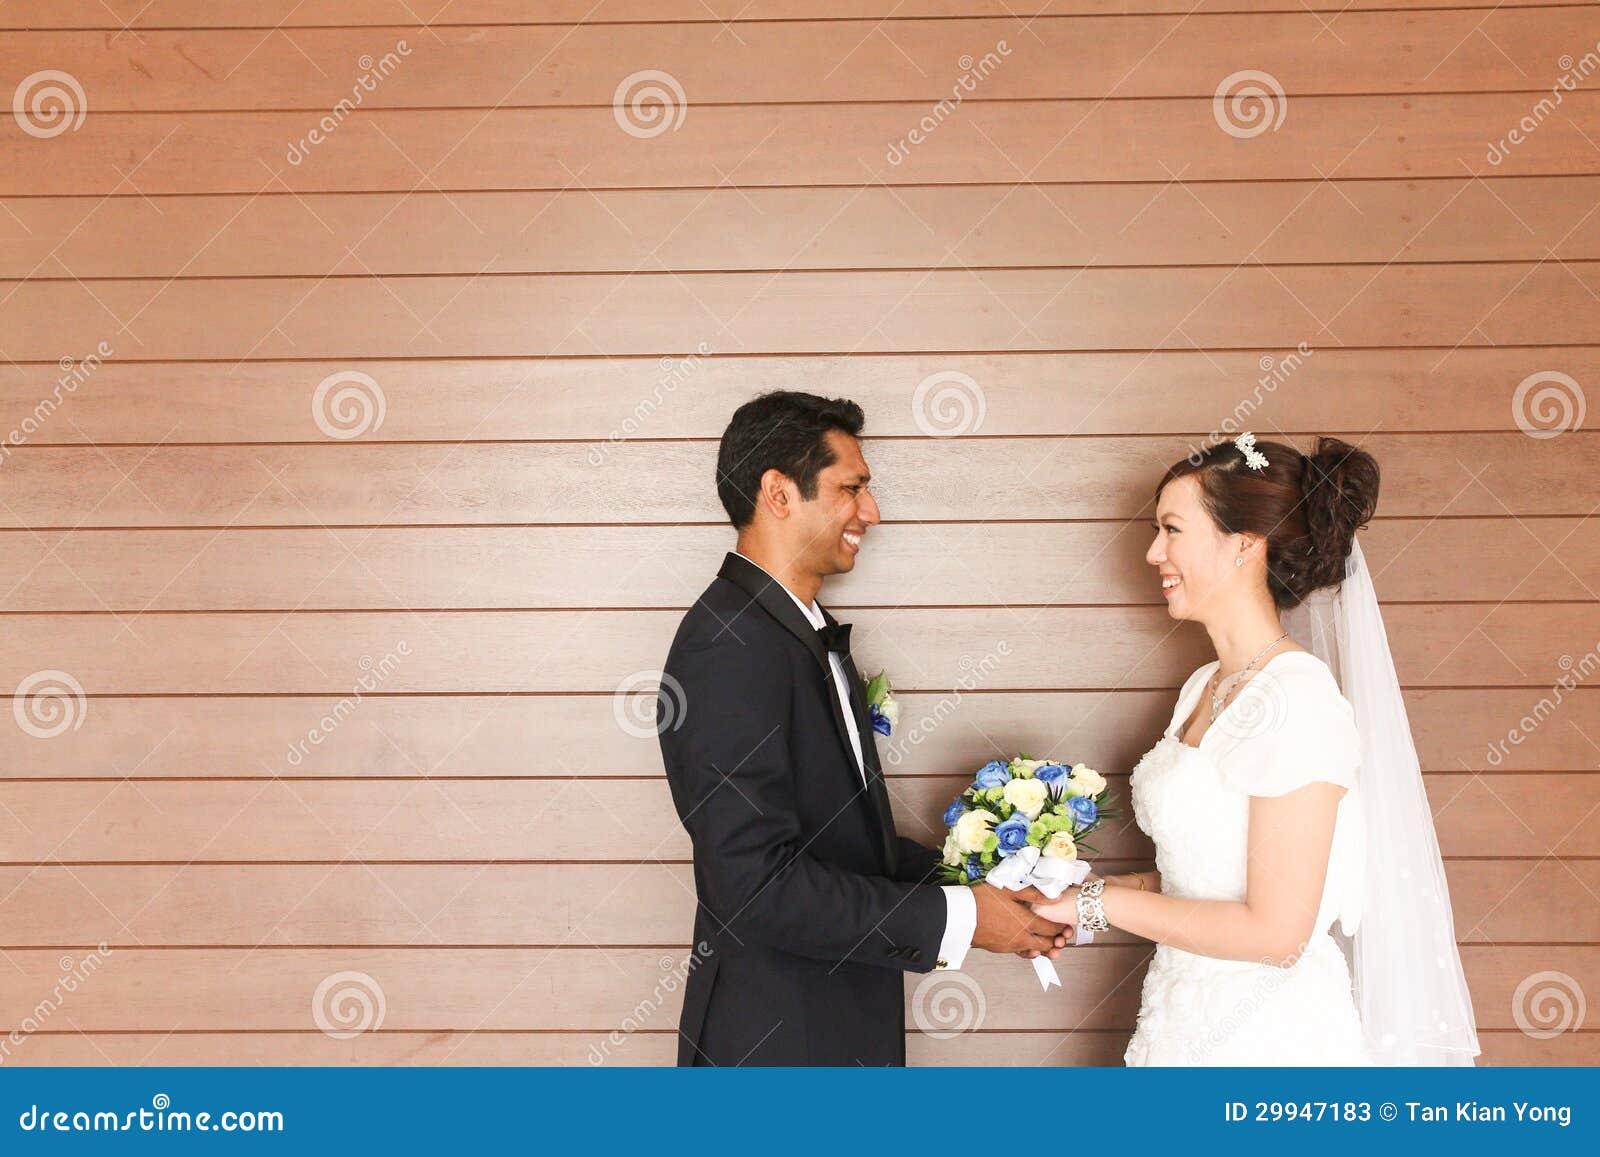 Zwischen verschiedenen Rassen Hochzeit - Reihe 2